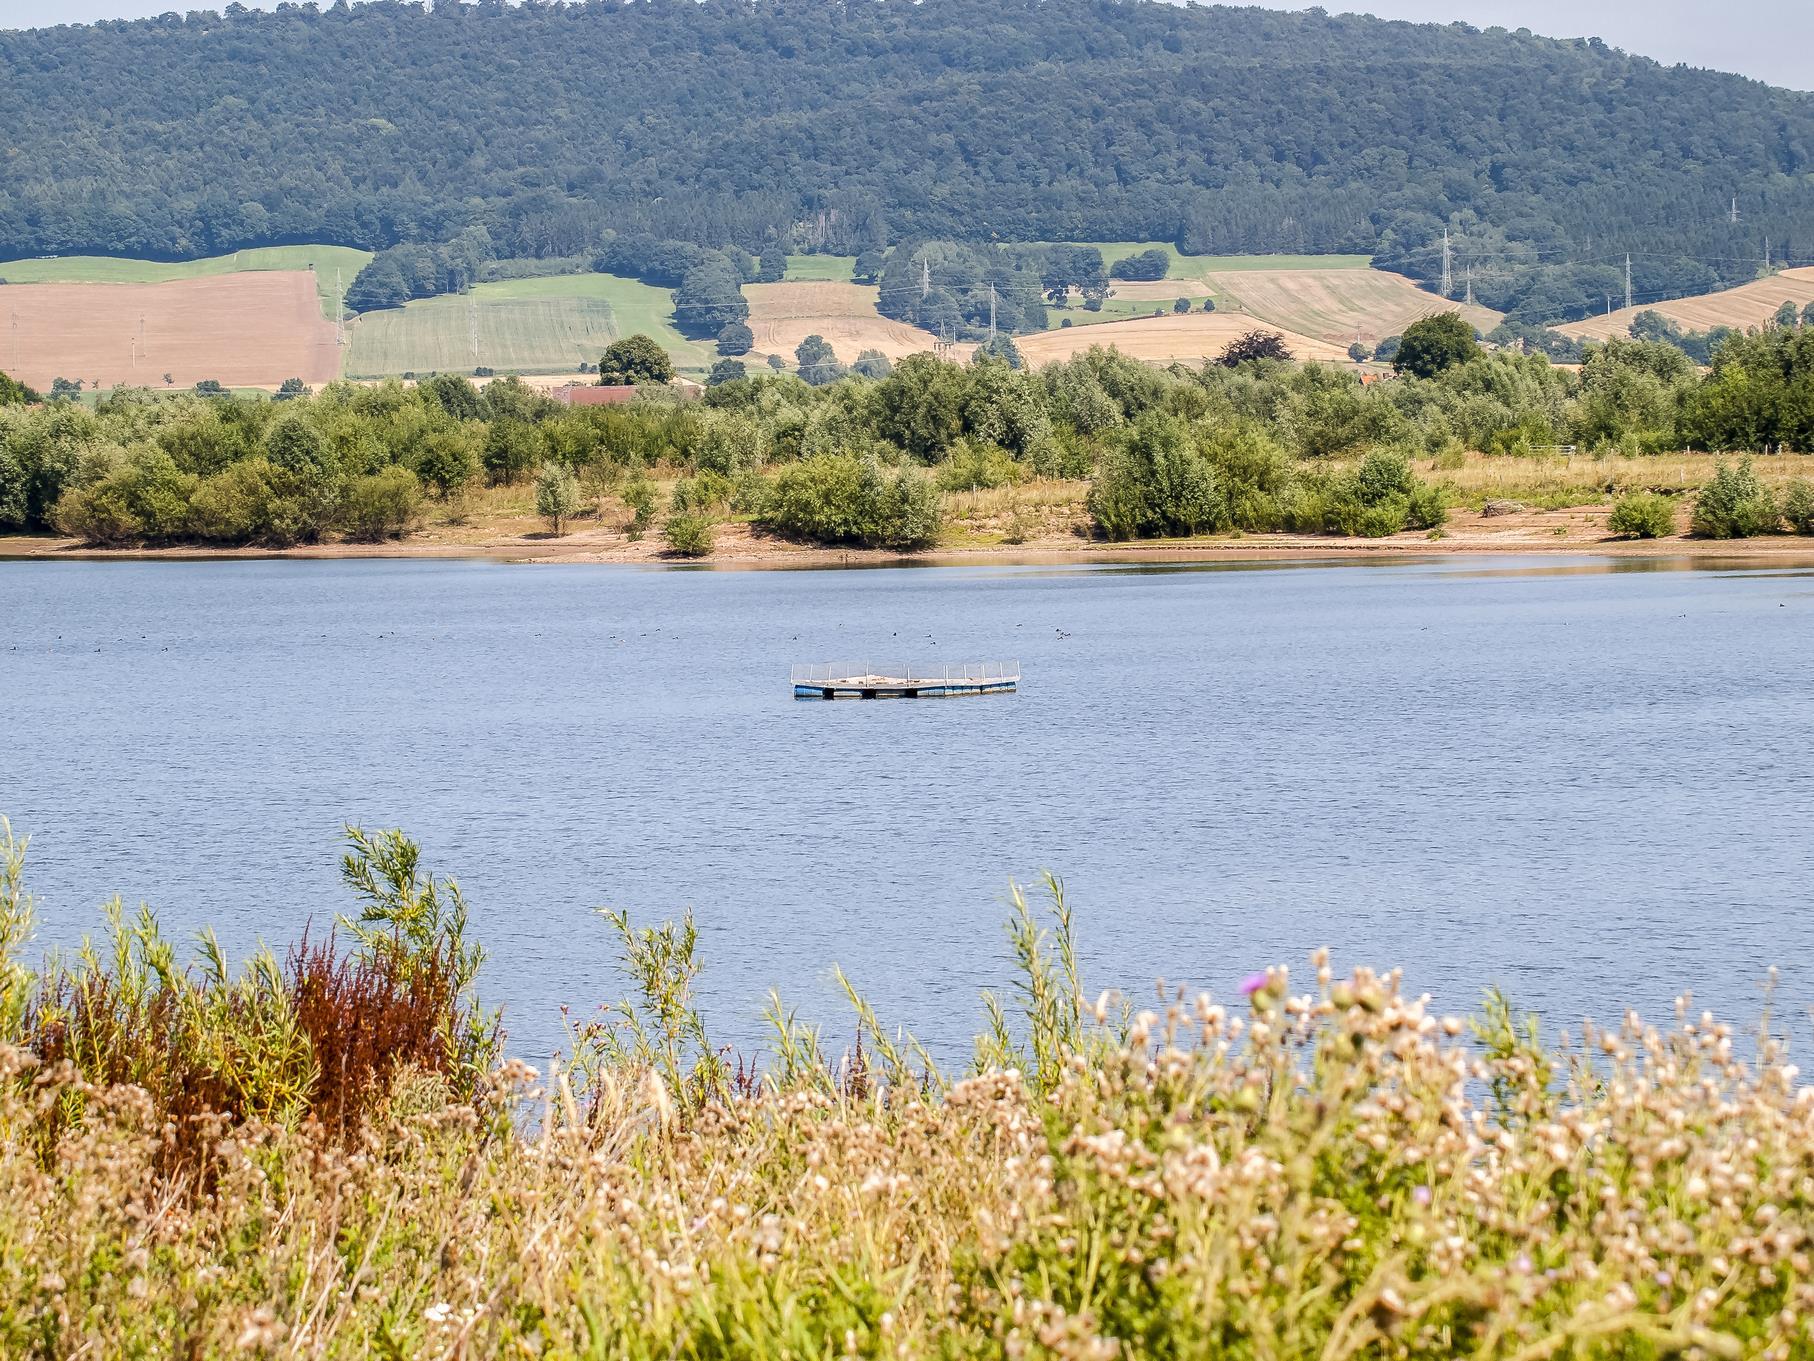 Das Flussseeschwalbenfloß auf dem westlichen Teich des Naturschutzgebietes.